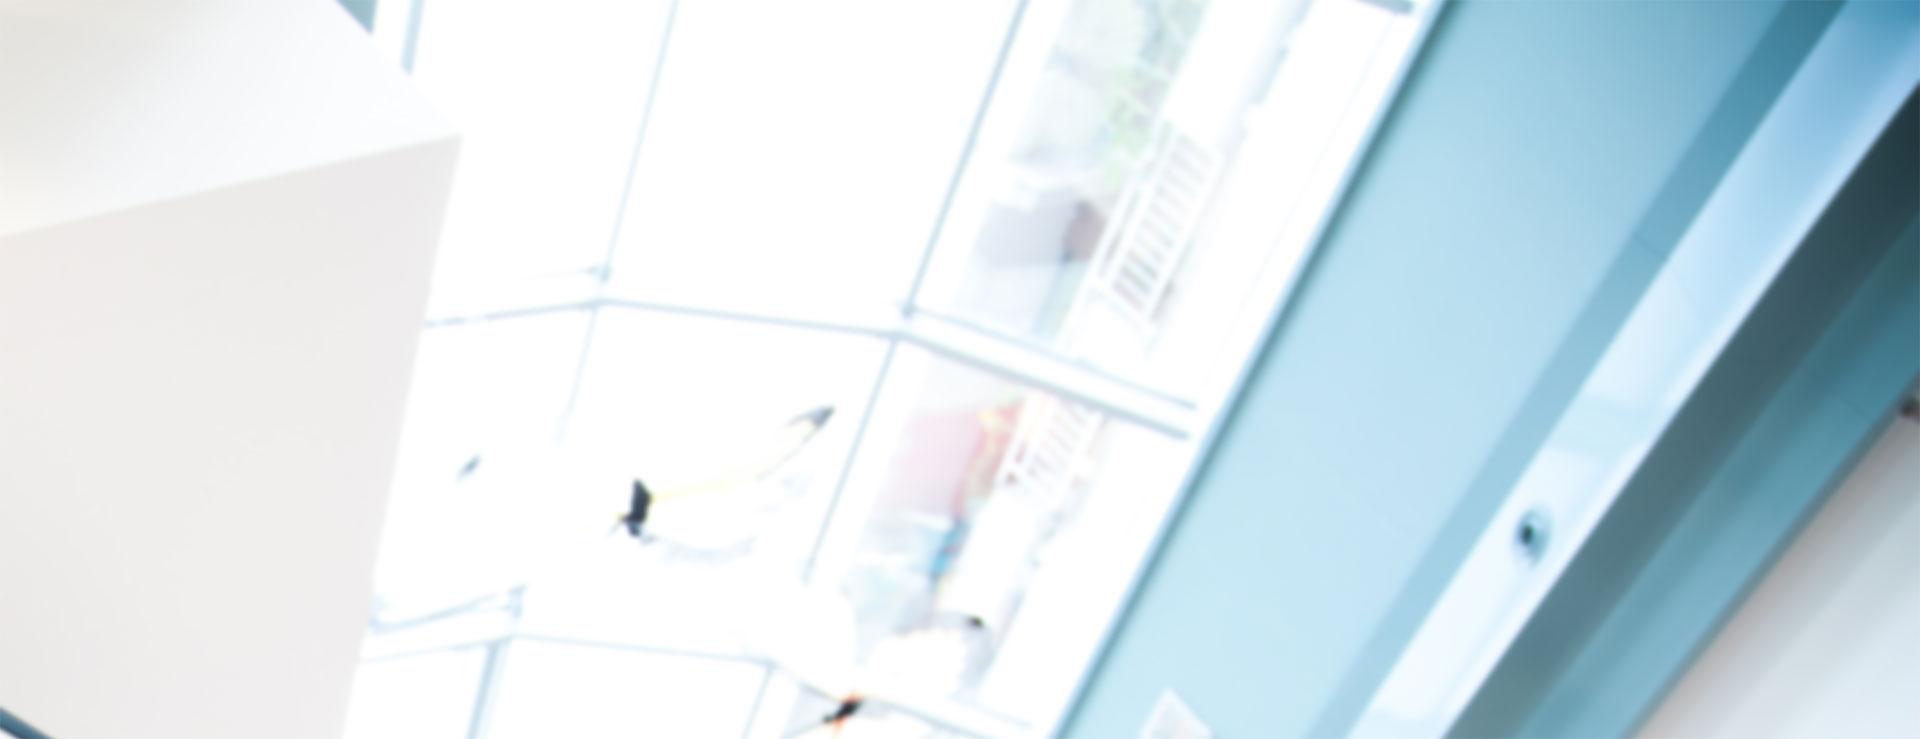 Hintergrund-Slider-viewneo2